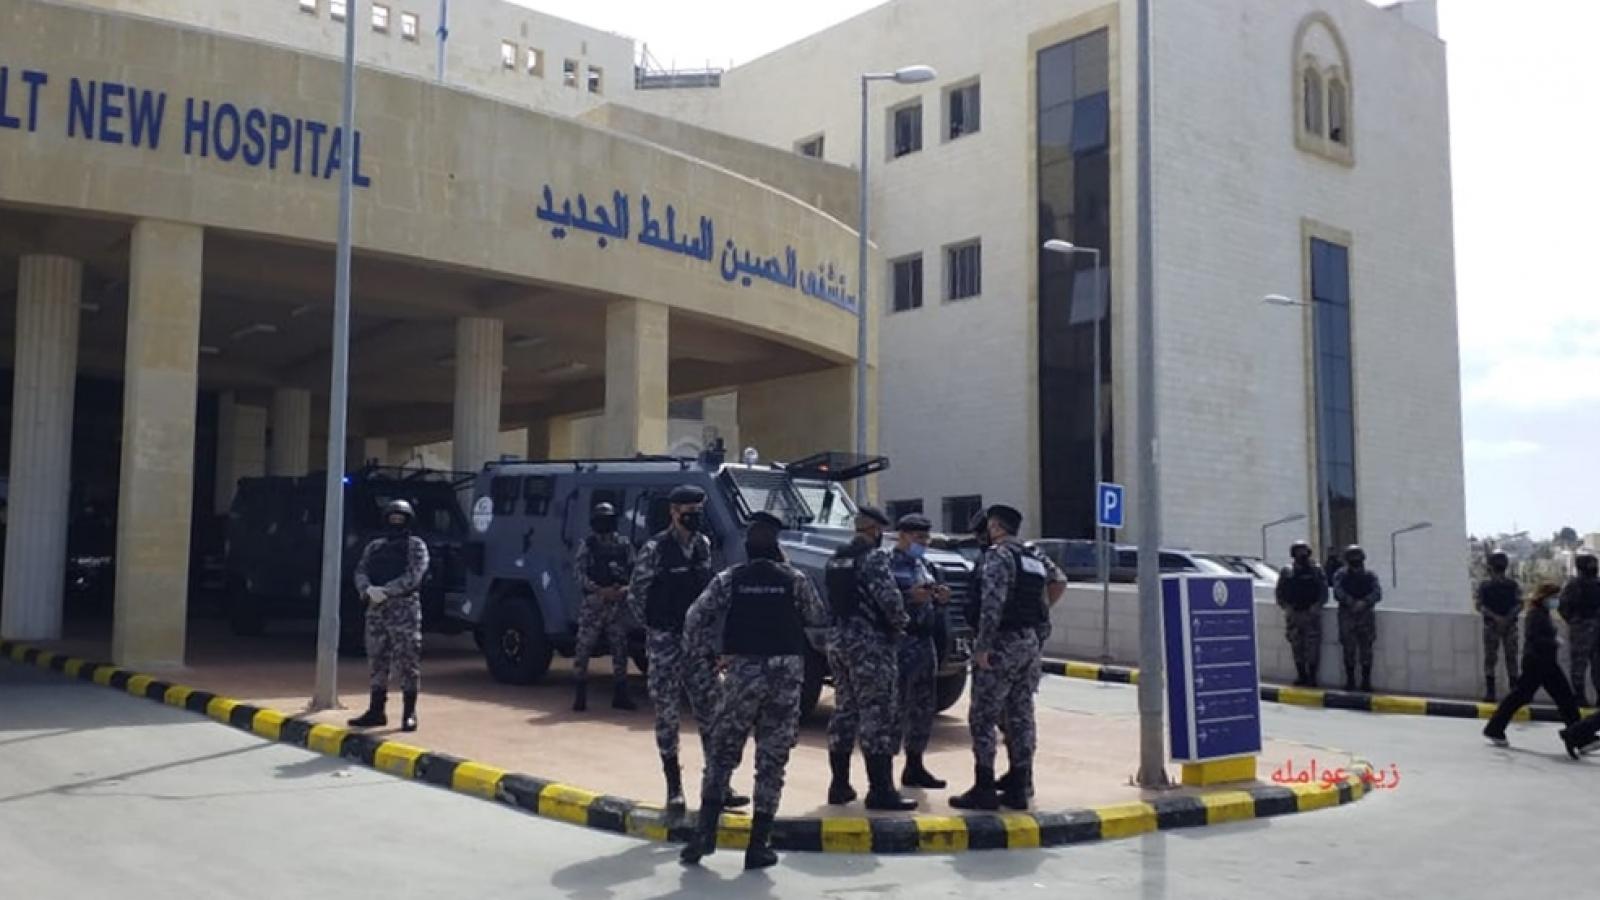 Bộ trưởng Y tế Jordan từ chức sau khi 6 bệnh nhân COVID-19 tử vong